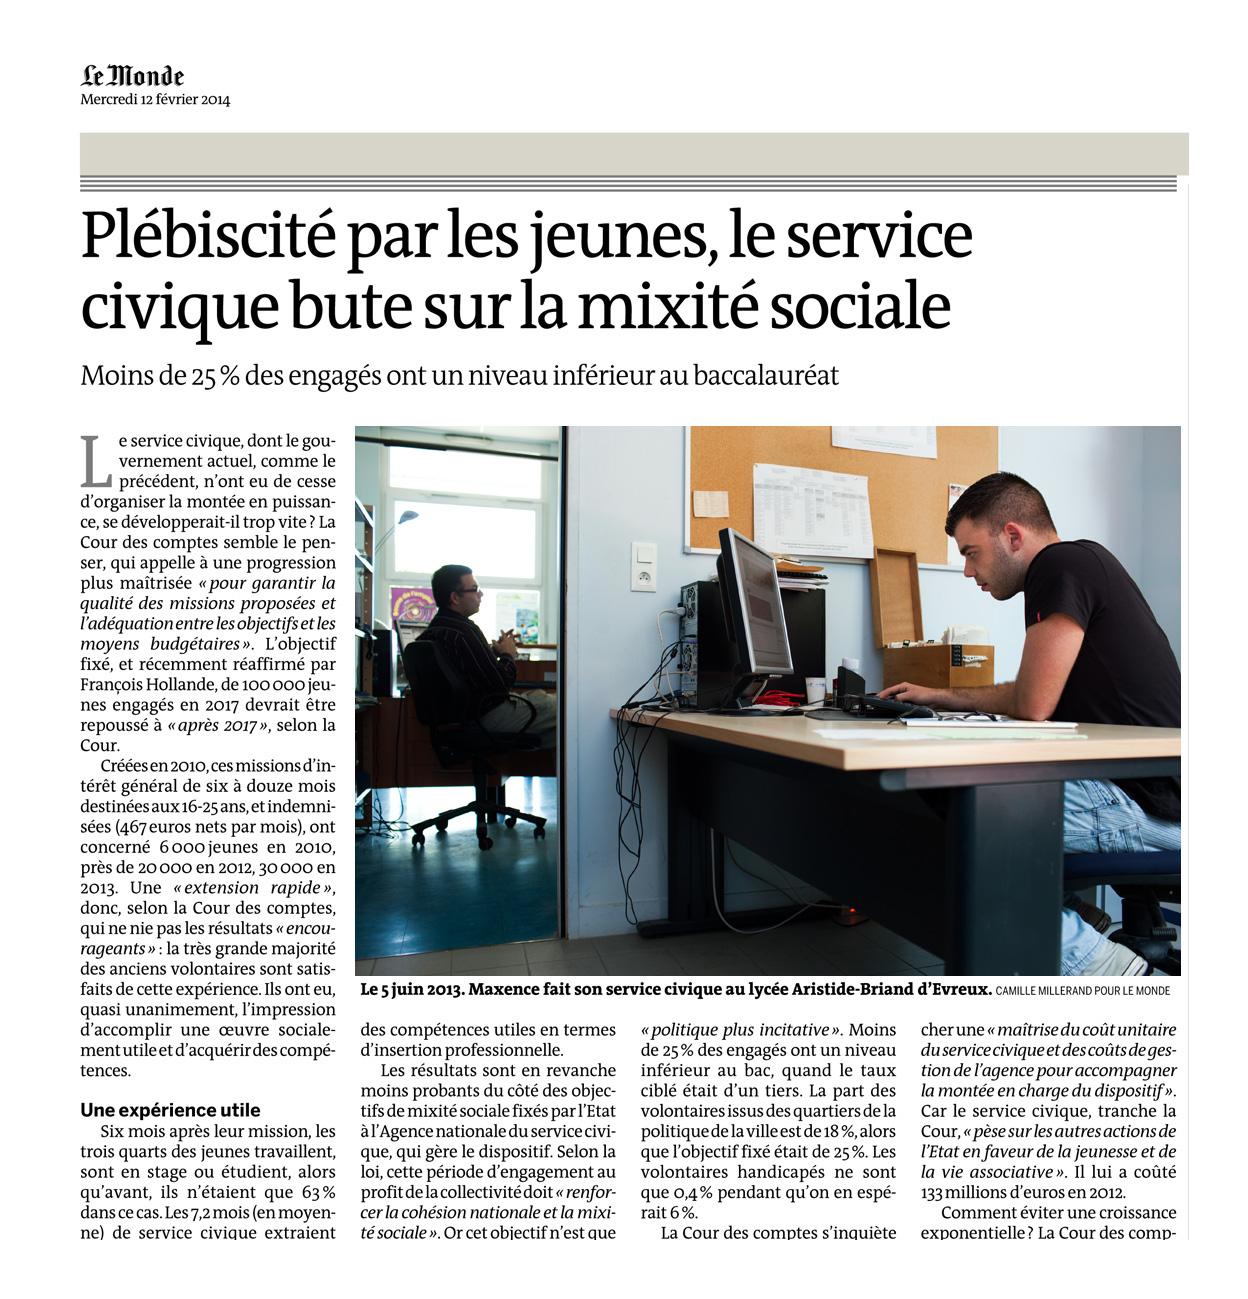 Parution dans Le Monde daté du 12 février 2014